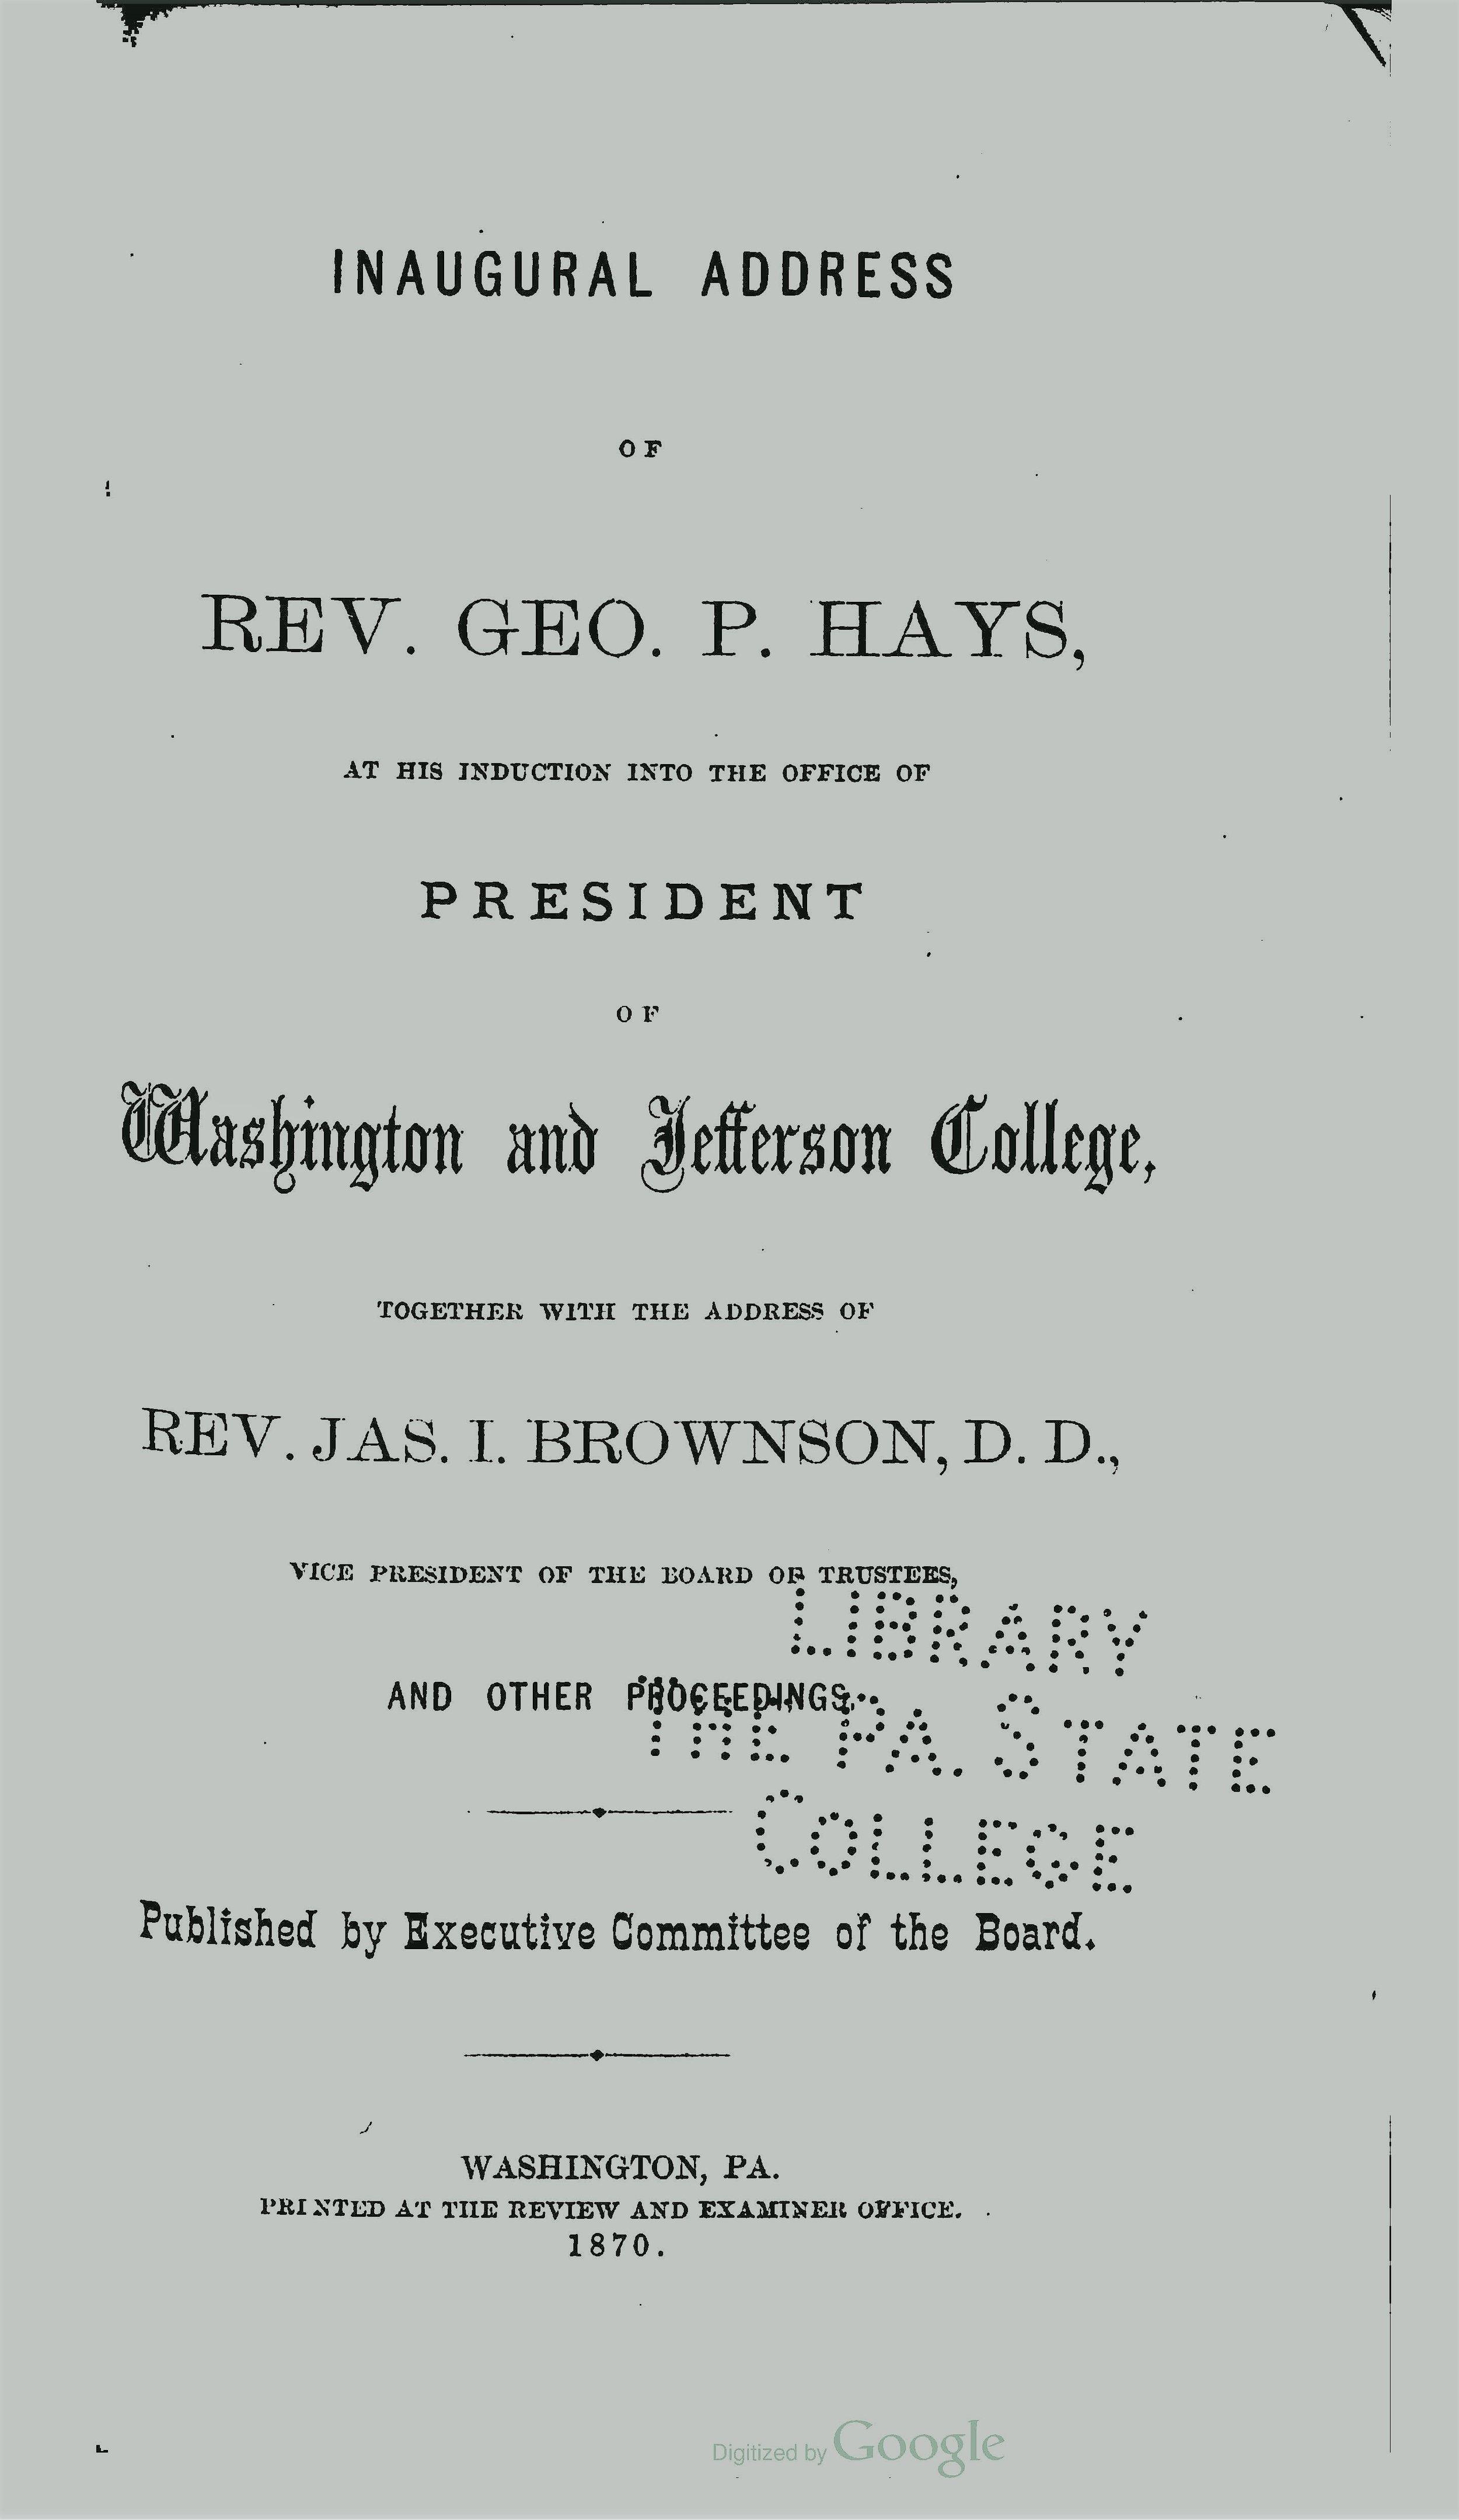 Hays, George Price, Inaugural Address of Rev George P Hays Title Page.jpg